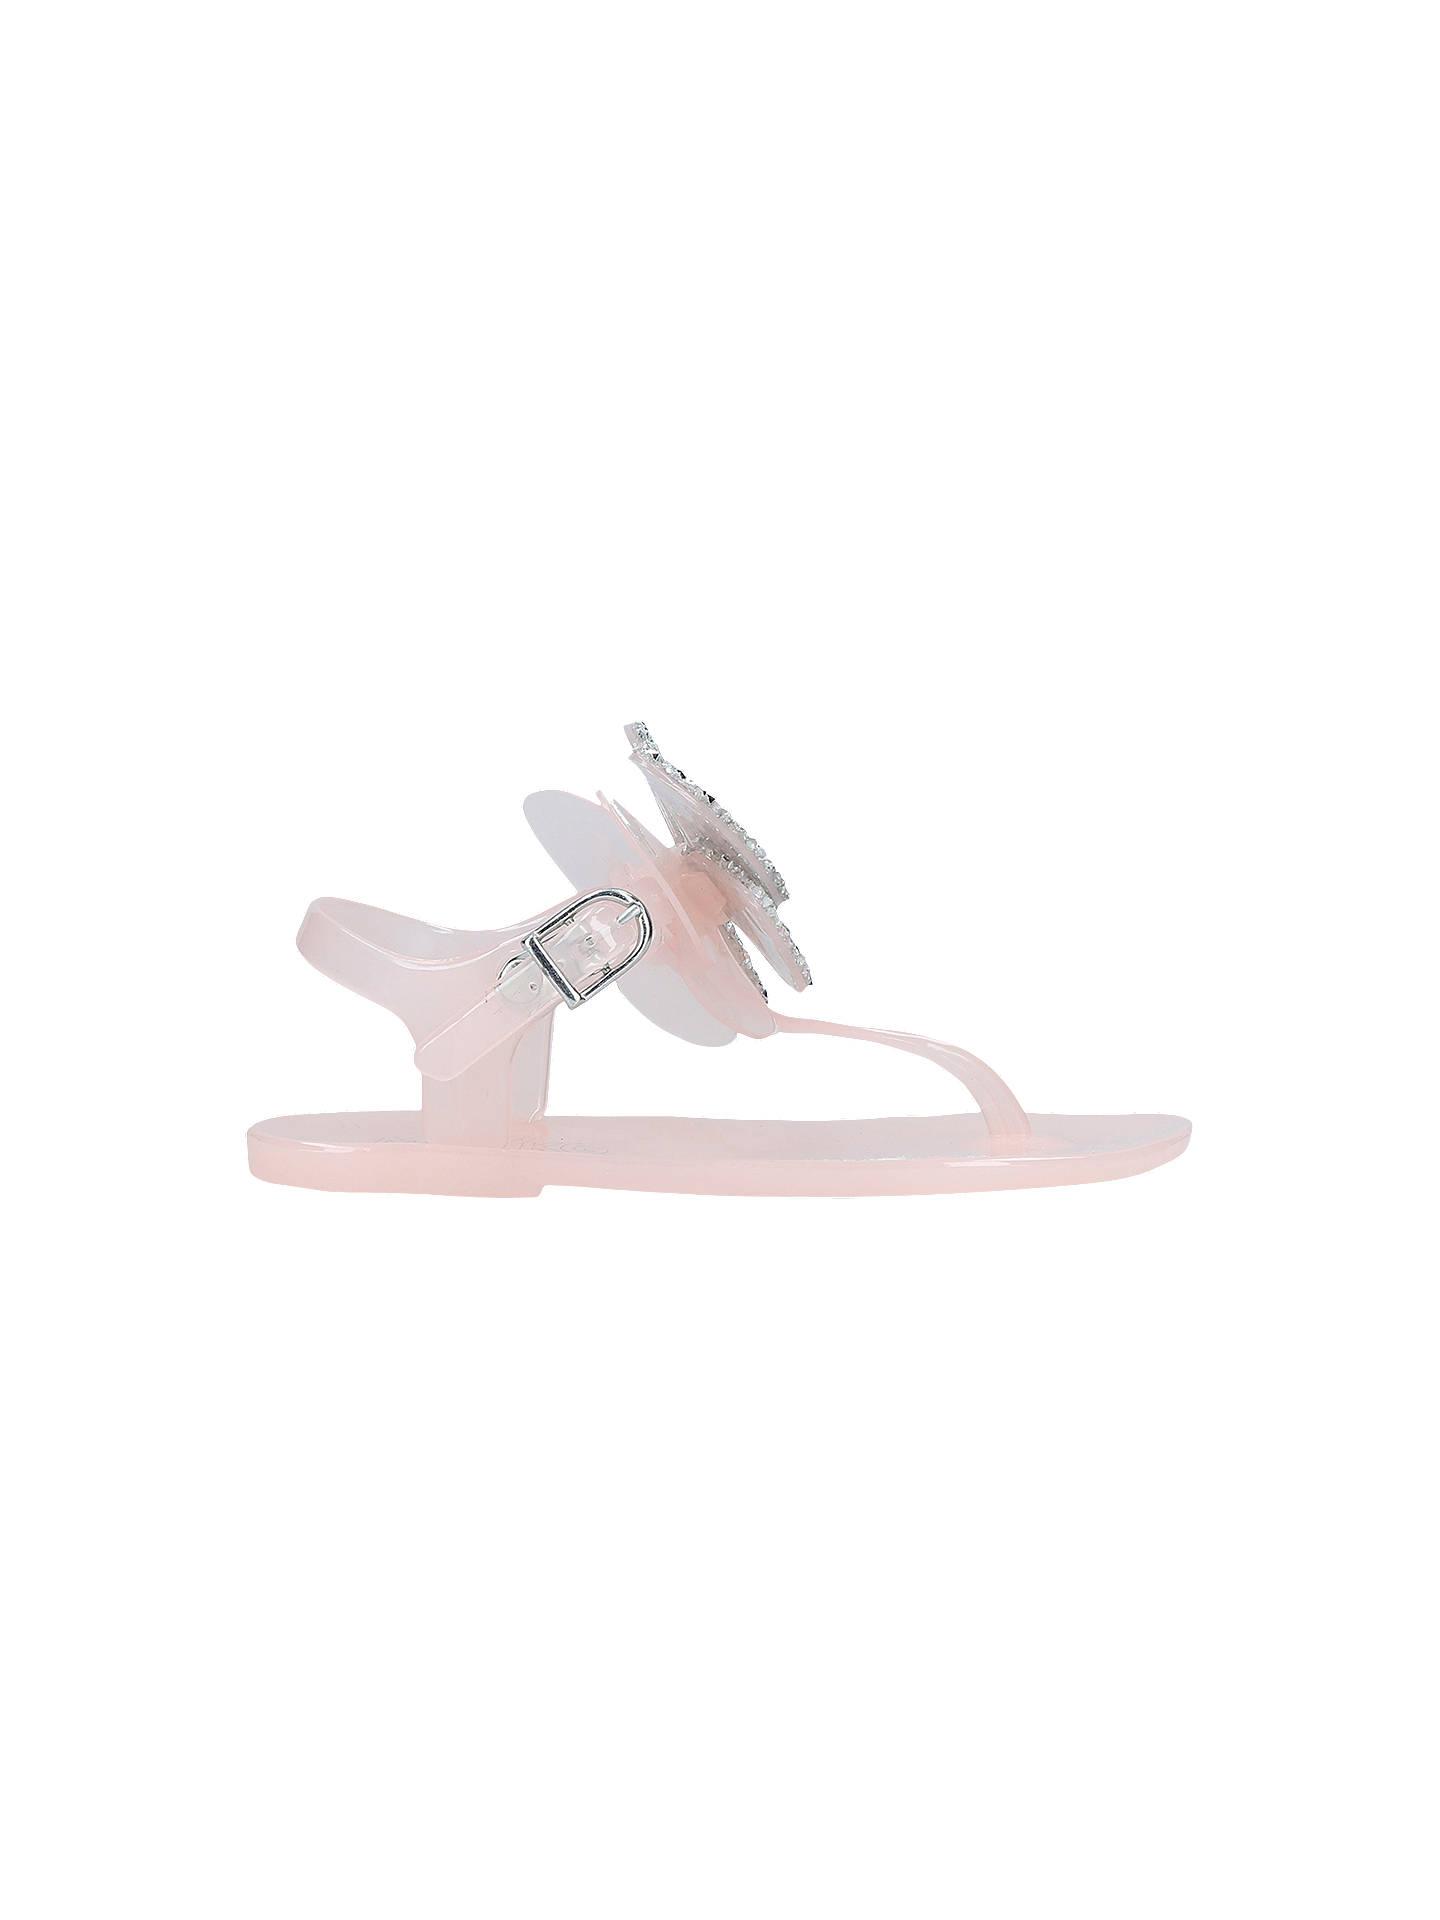 4345bbb01b05 Buy Kurt Geiger London Children s Dina Sandals